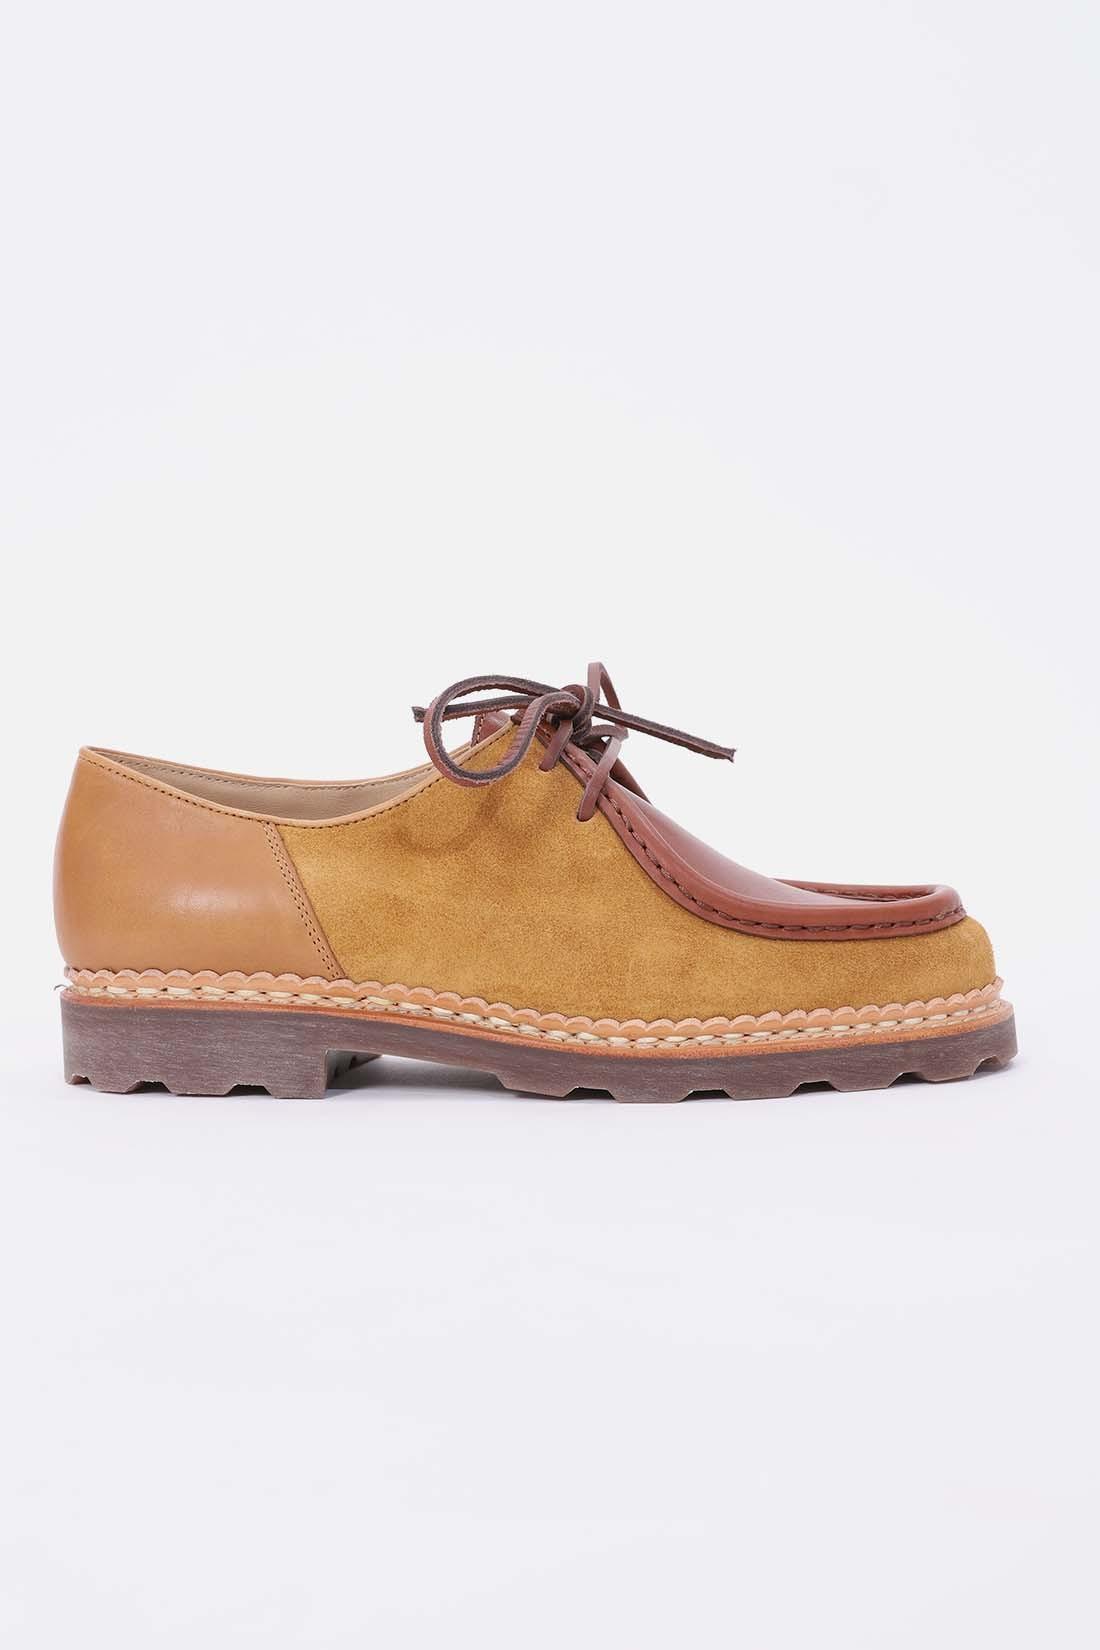 120c2d93c Paraboot x michael shoe Brown homme de coloris marron